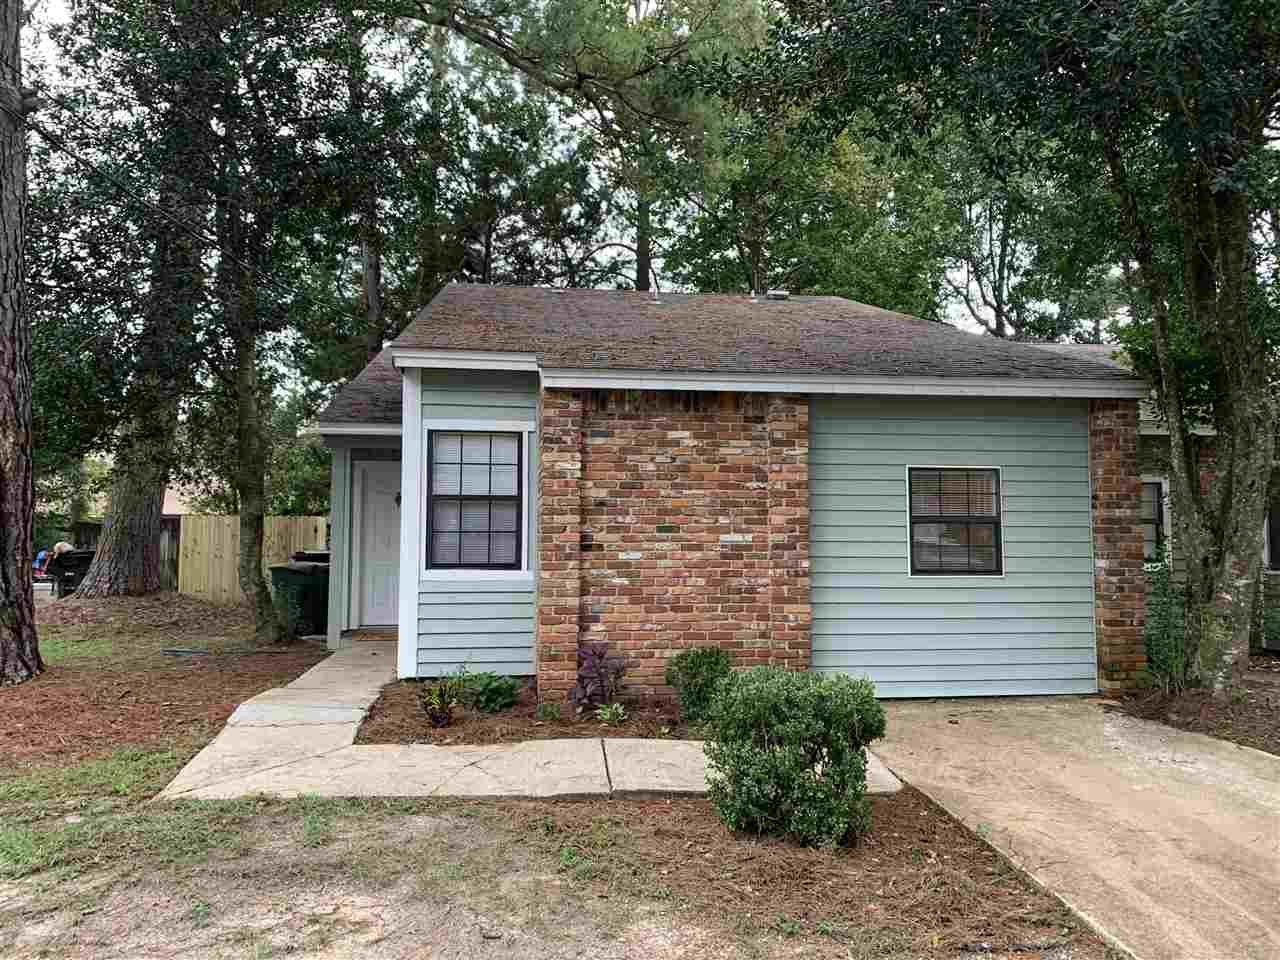 3221 Mound Drive, Tallahassee, FL 32309 - MLS#: 323721